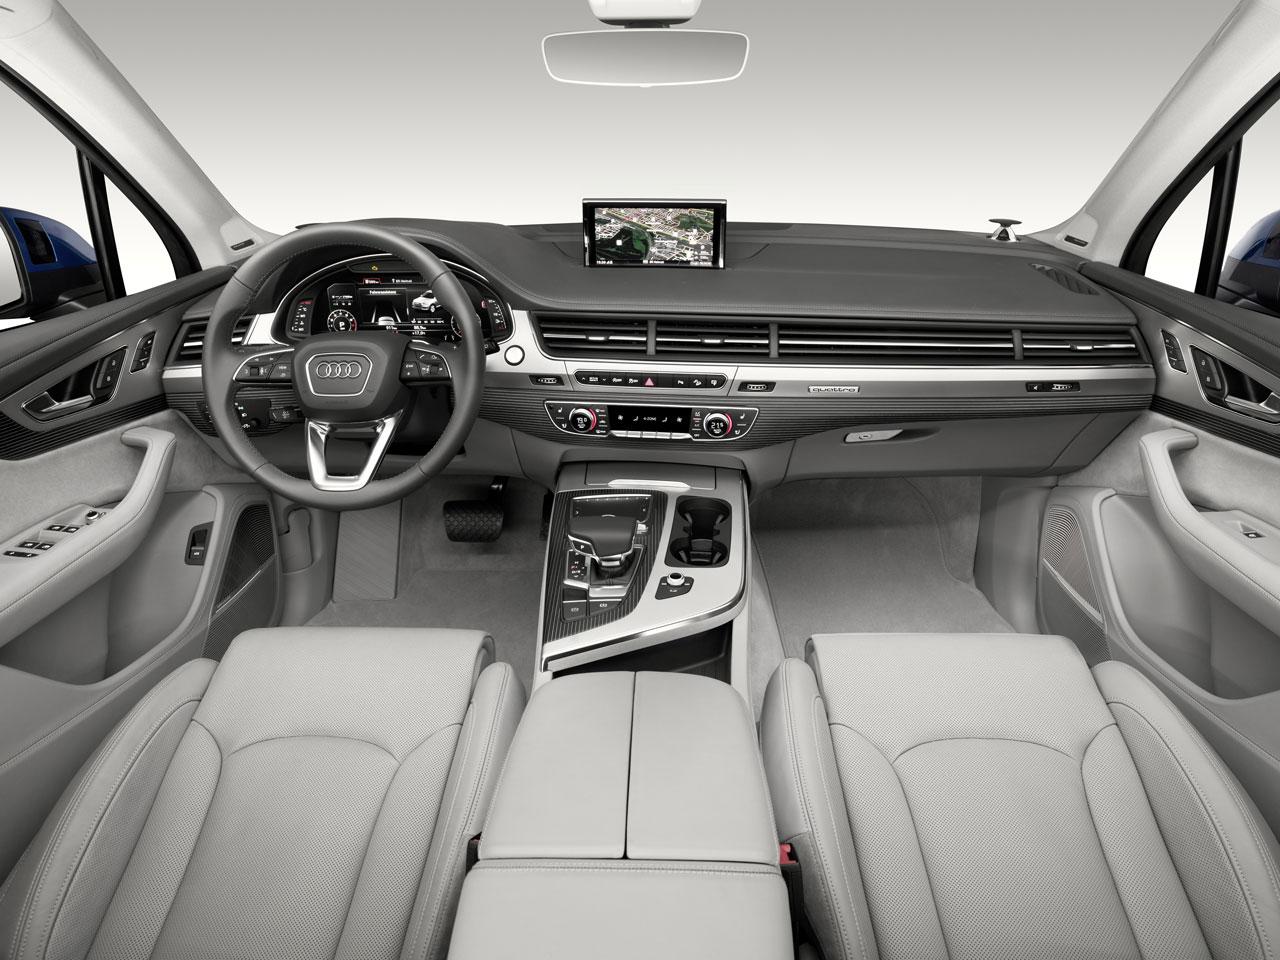 価格 Com 『インテリア』 Q7 Audi 2016年モデル の製品画像